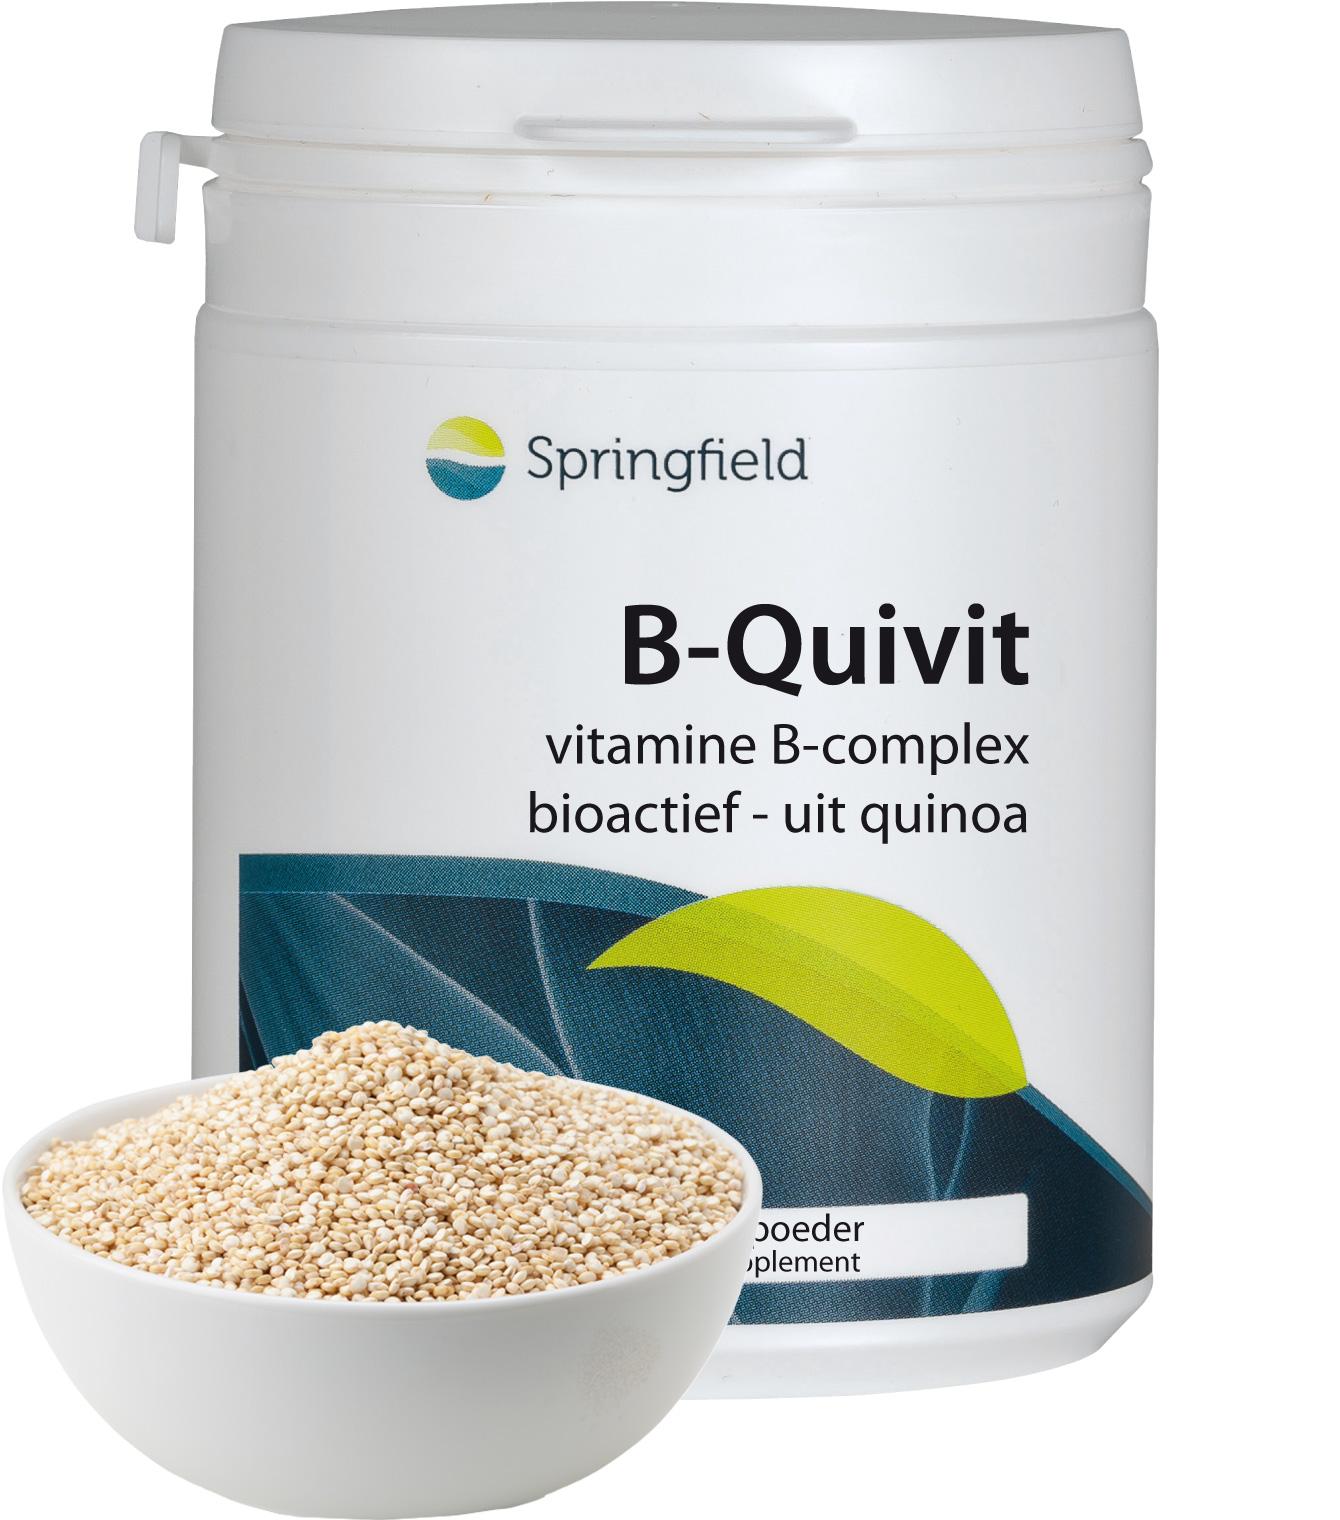 Natuurlijkvitamine B-complex uit quinoakiemen - 30 tabletten